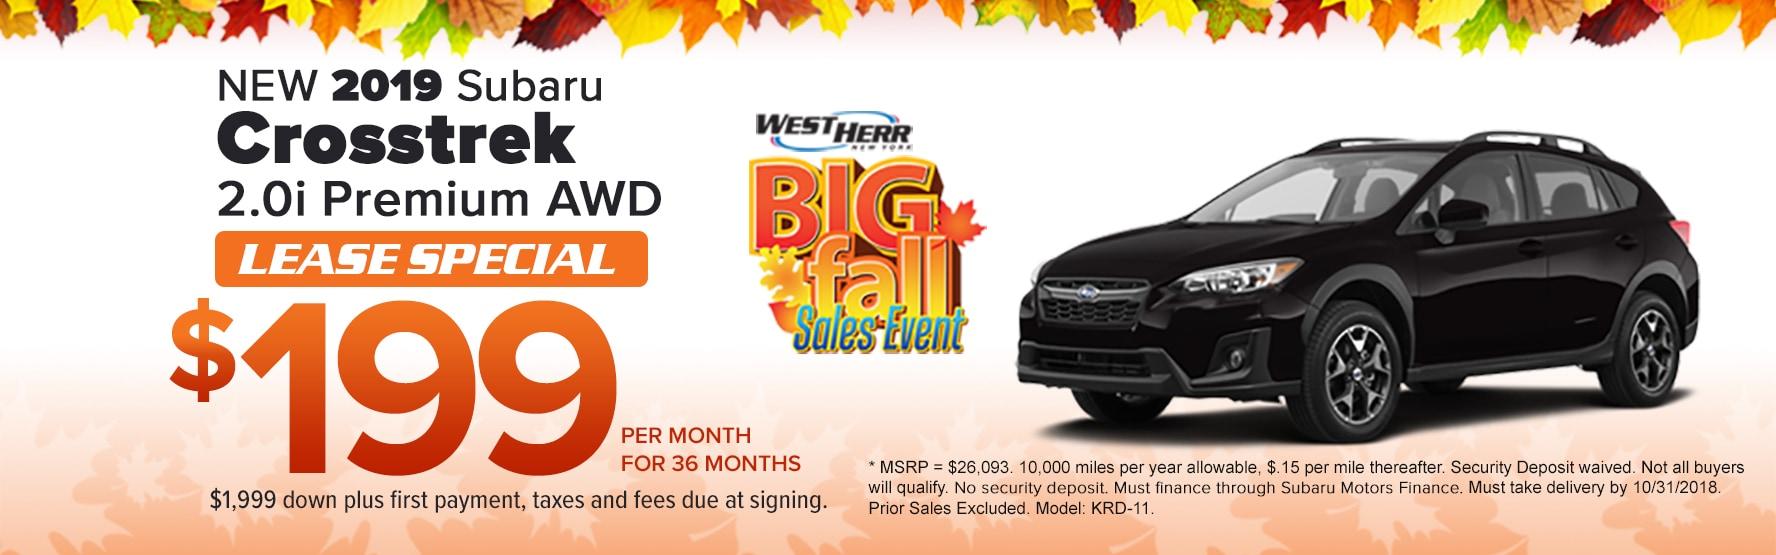 West Herr Subaru >> Buffalo Subaru Dealership | New & Used Subaru Vehicles in ...